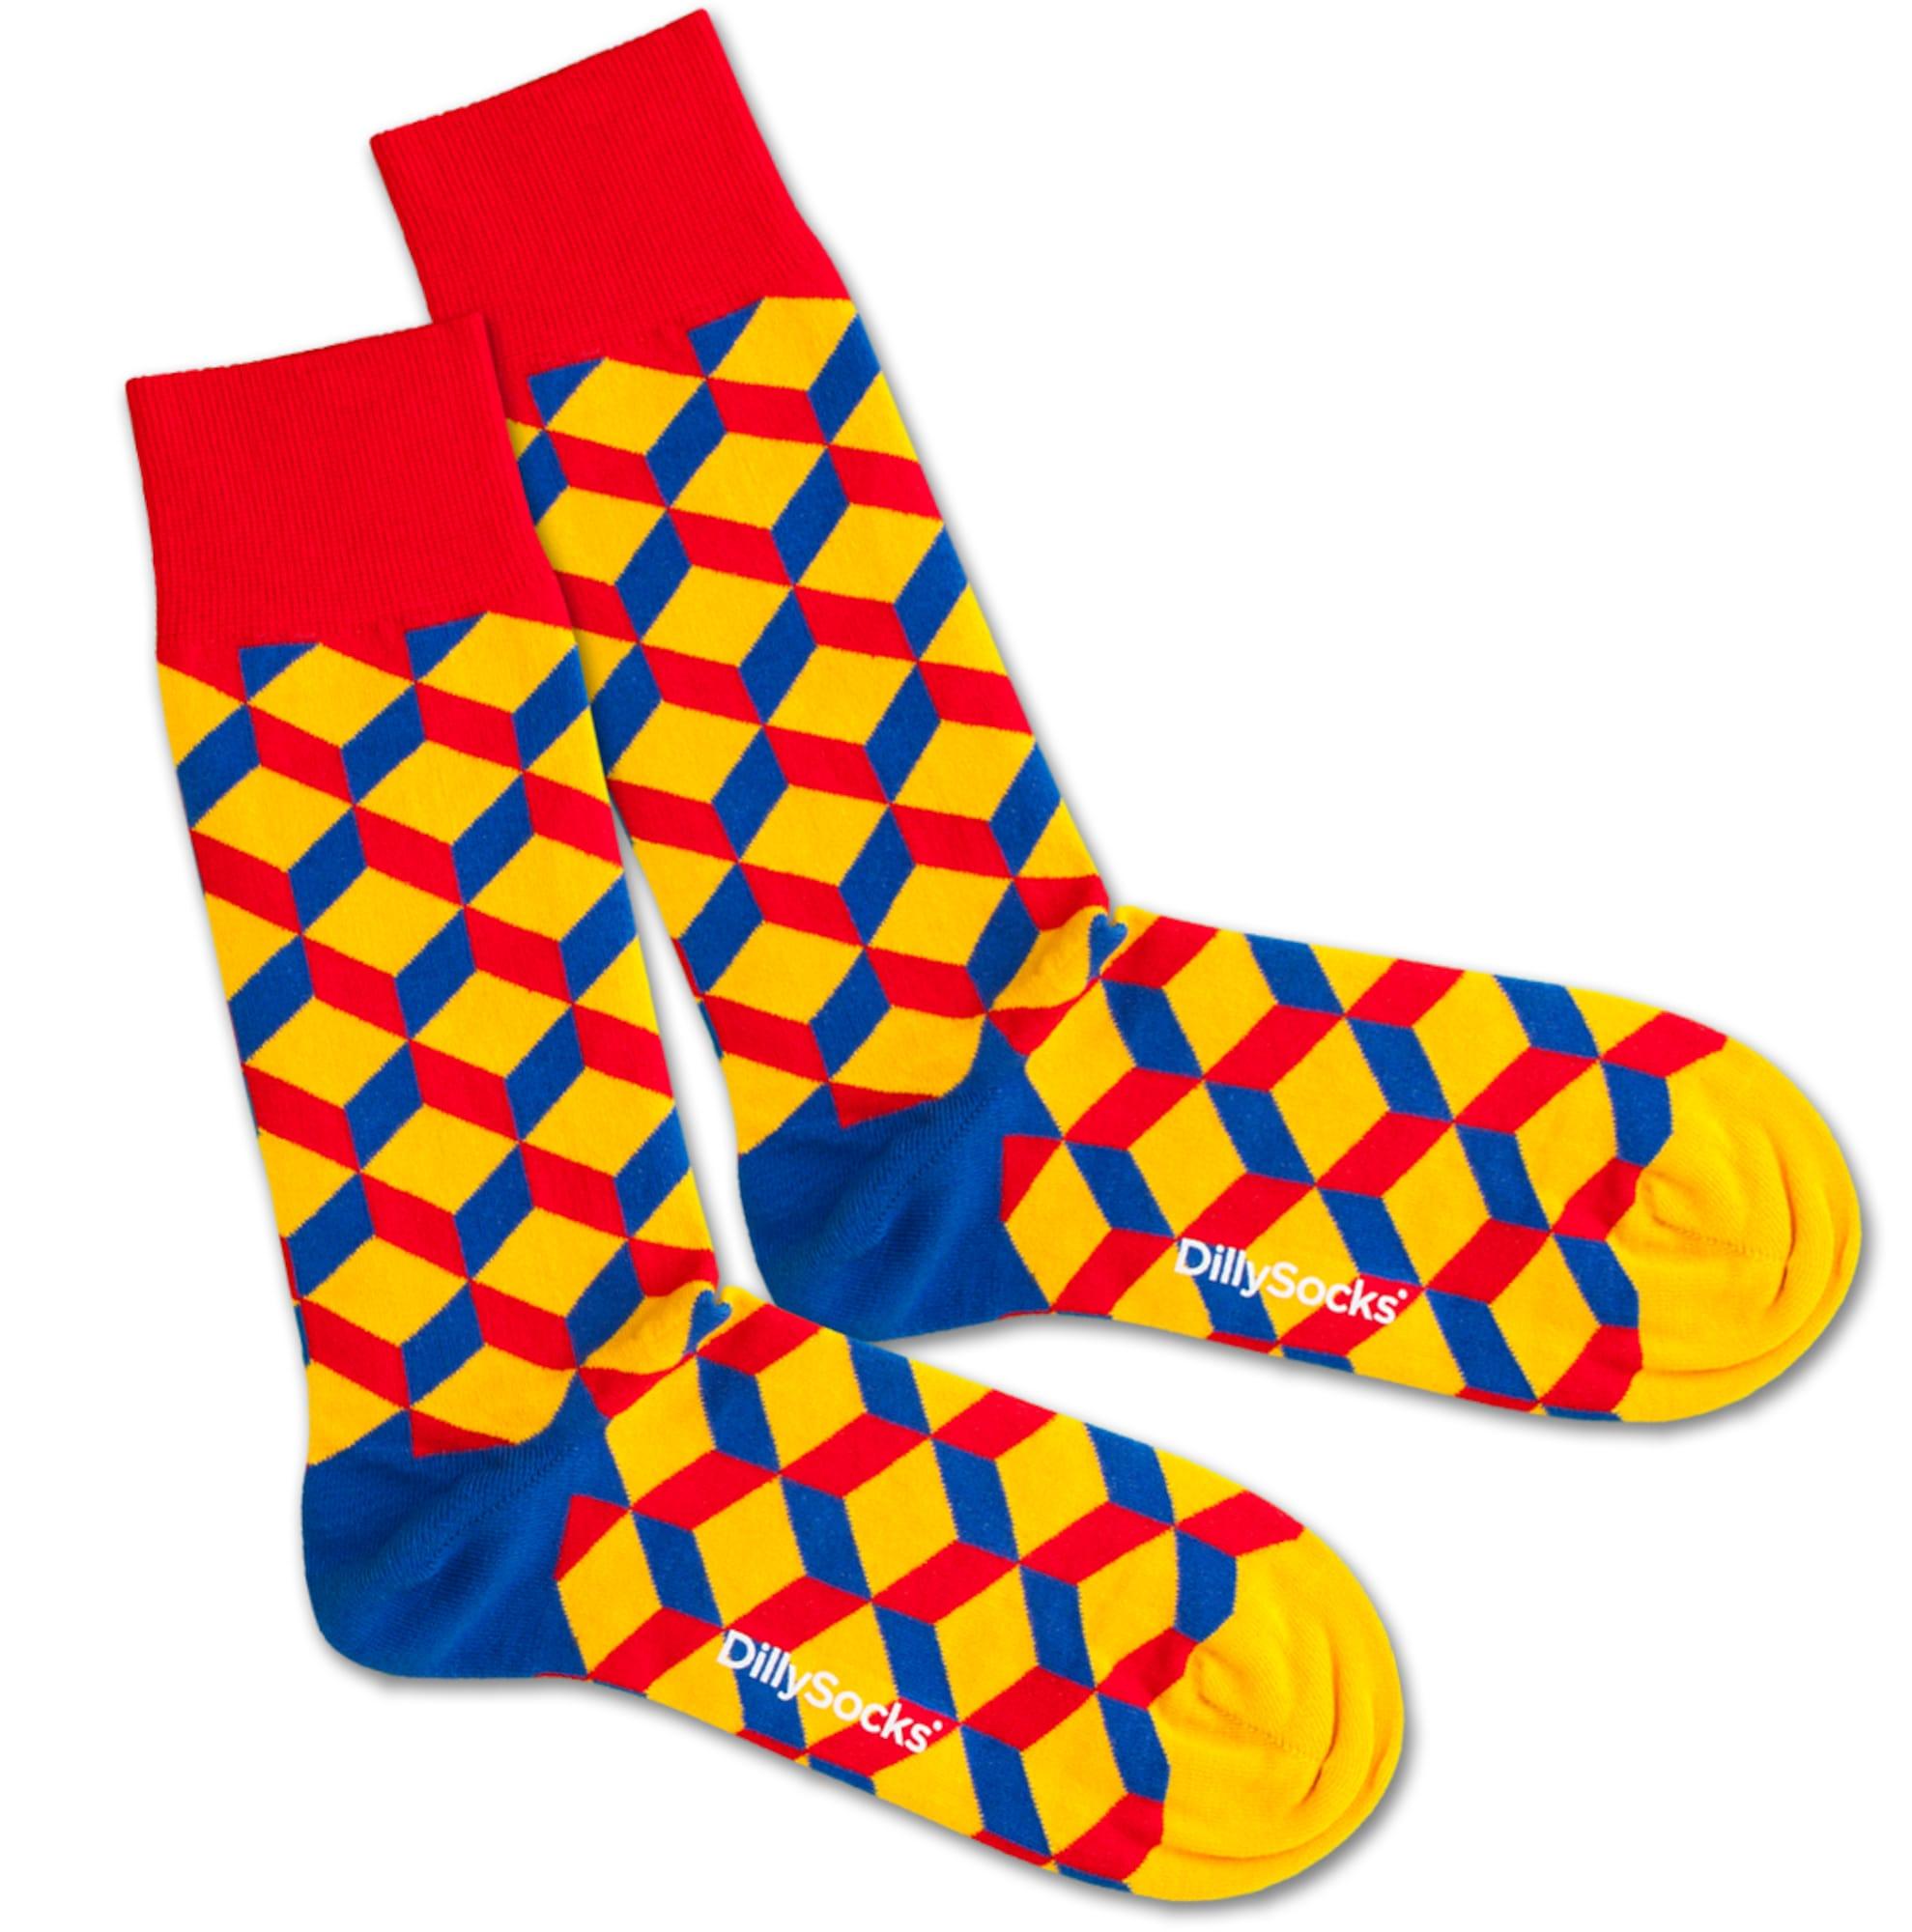 DillySocks Kojinės 'Big Lego Dice' mėlyna / geltona / raudona